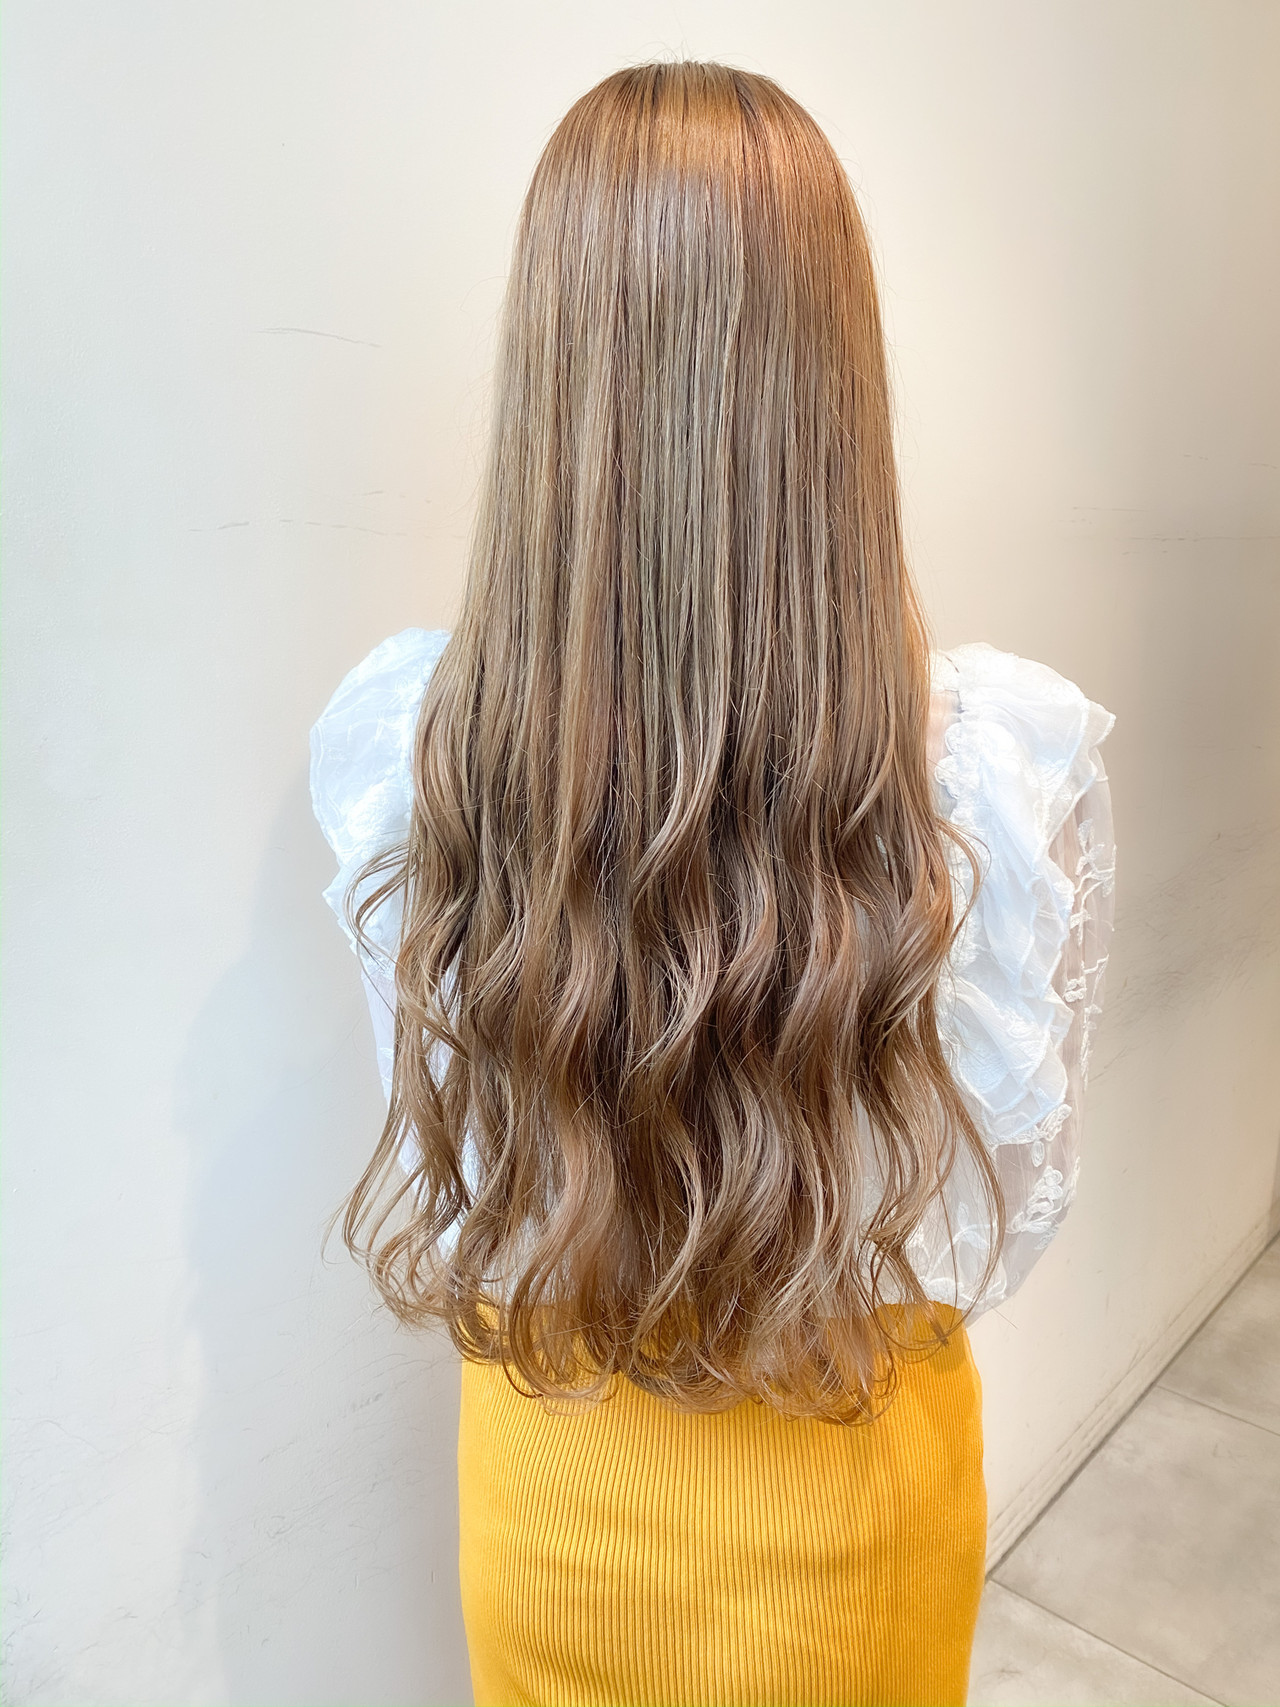 透明感カラー ミルクティーベージュ ミルクティーグレージュ ロング ヘアスタイルや髪型の写真・画像